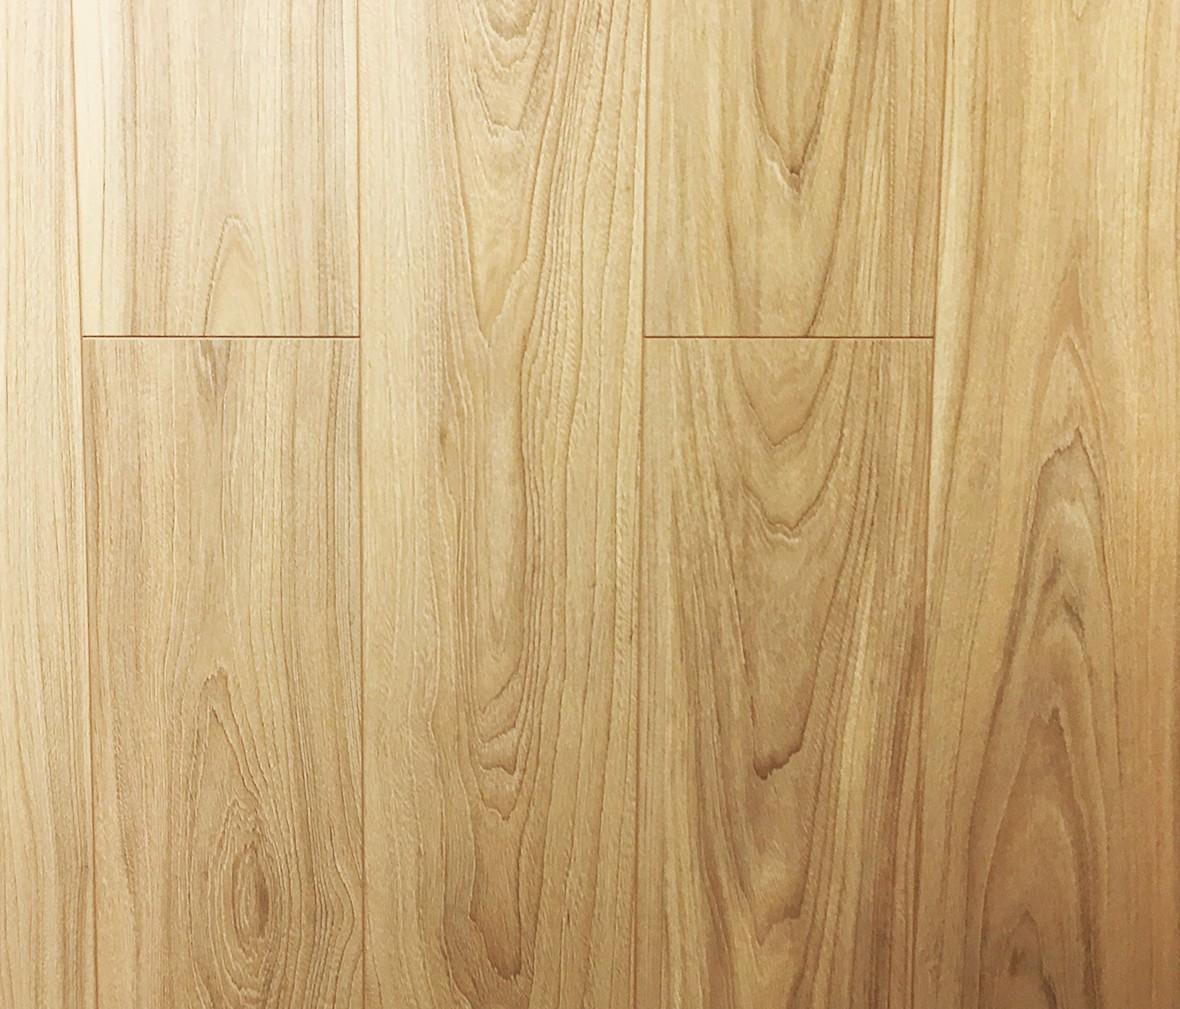 圣象地板 pb7543型號鹿特丹之境強化復合地板 適于